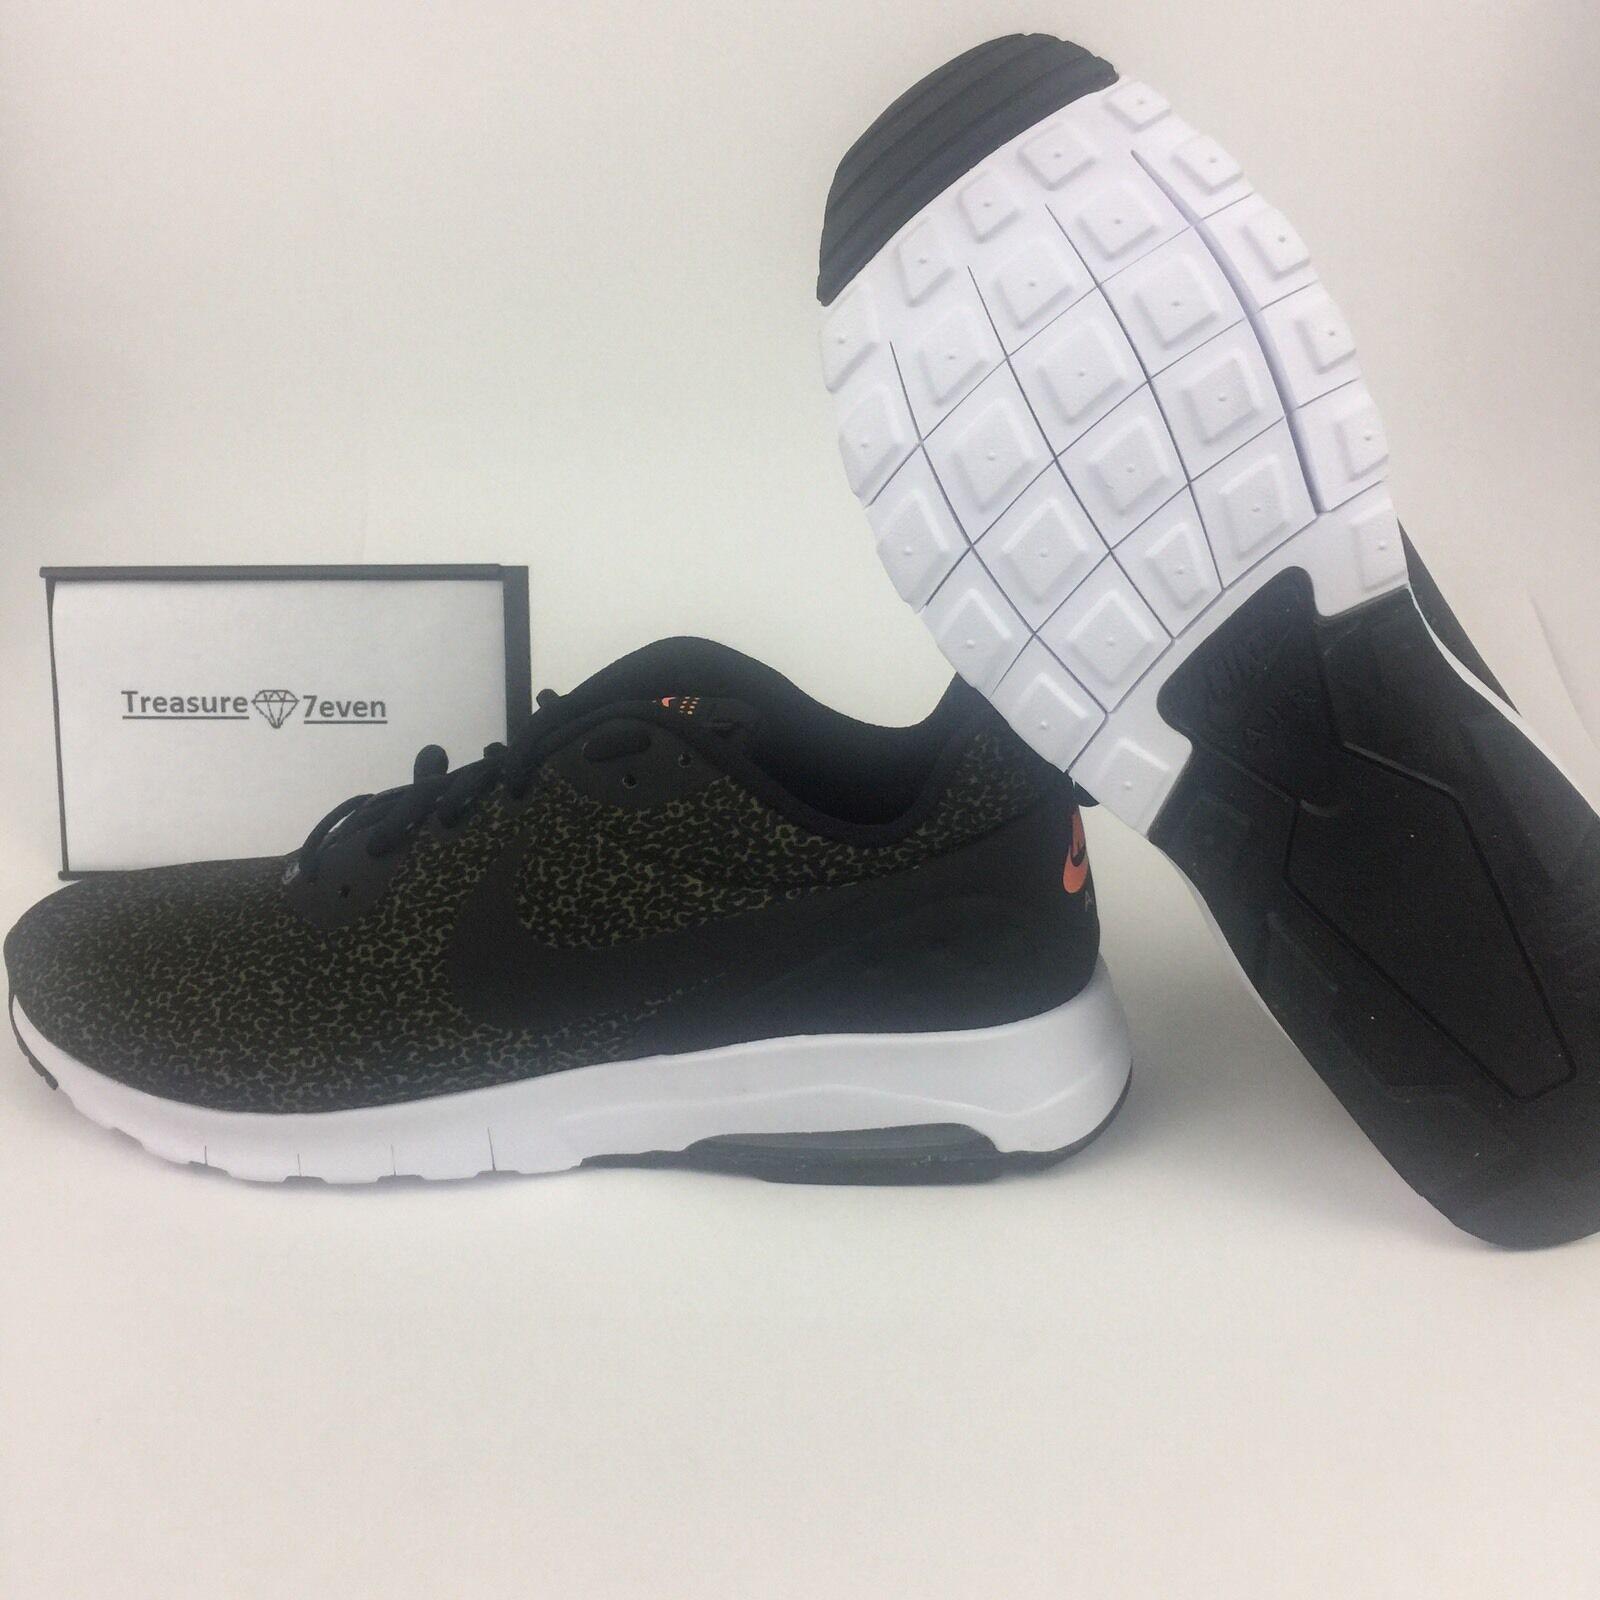 Nike olive air max proposta sb impronta scarpe uomini scarpe olive Nike 844835-301 11 nuove dimensioni cd9094